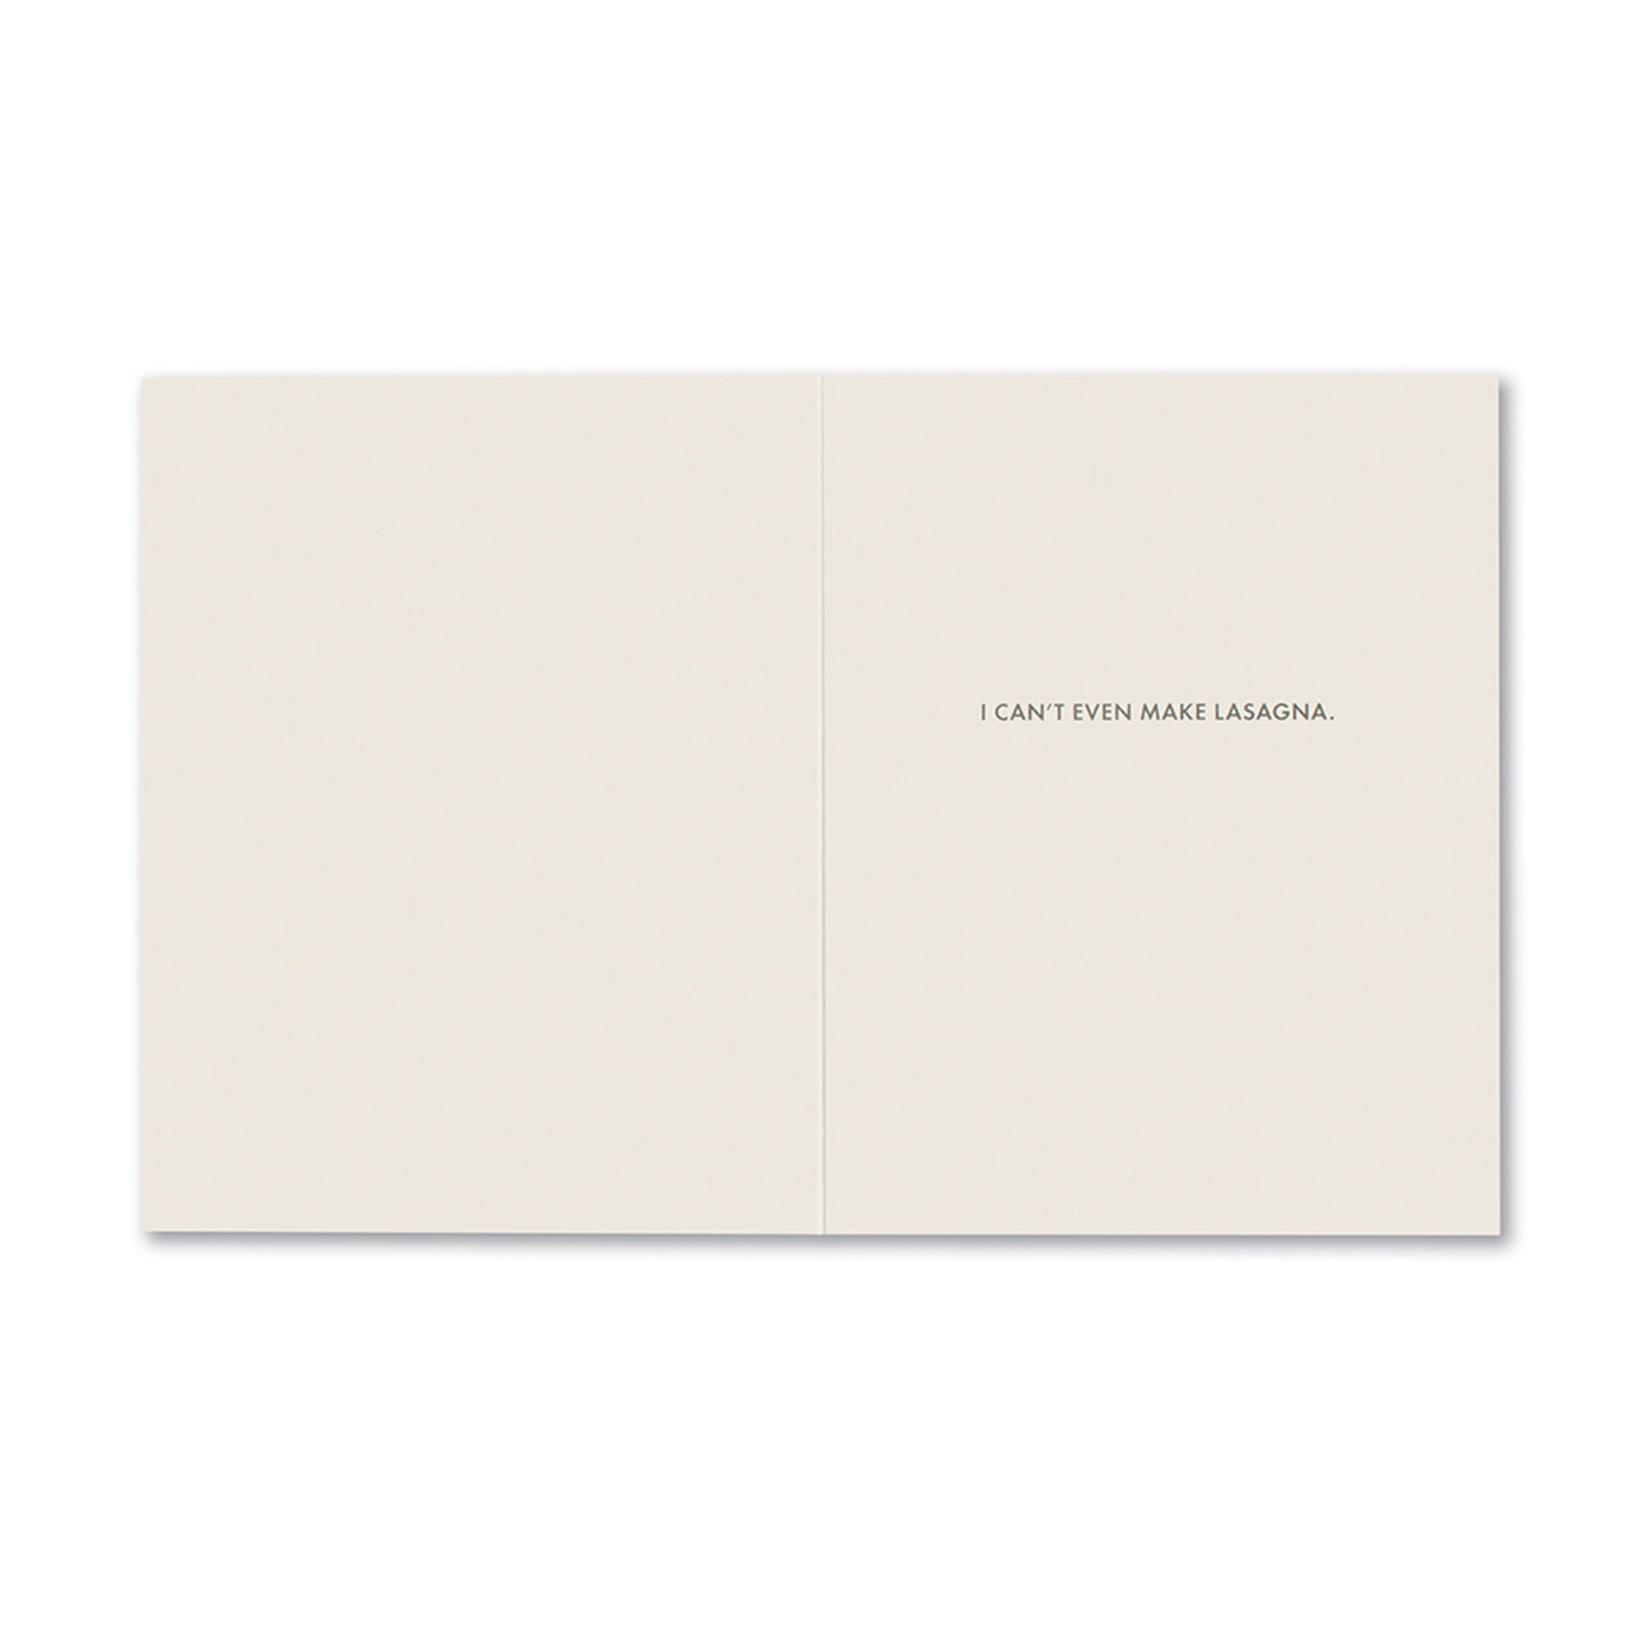 CONGRATS! YOU MADE A PERSON CARD